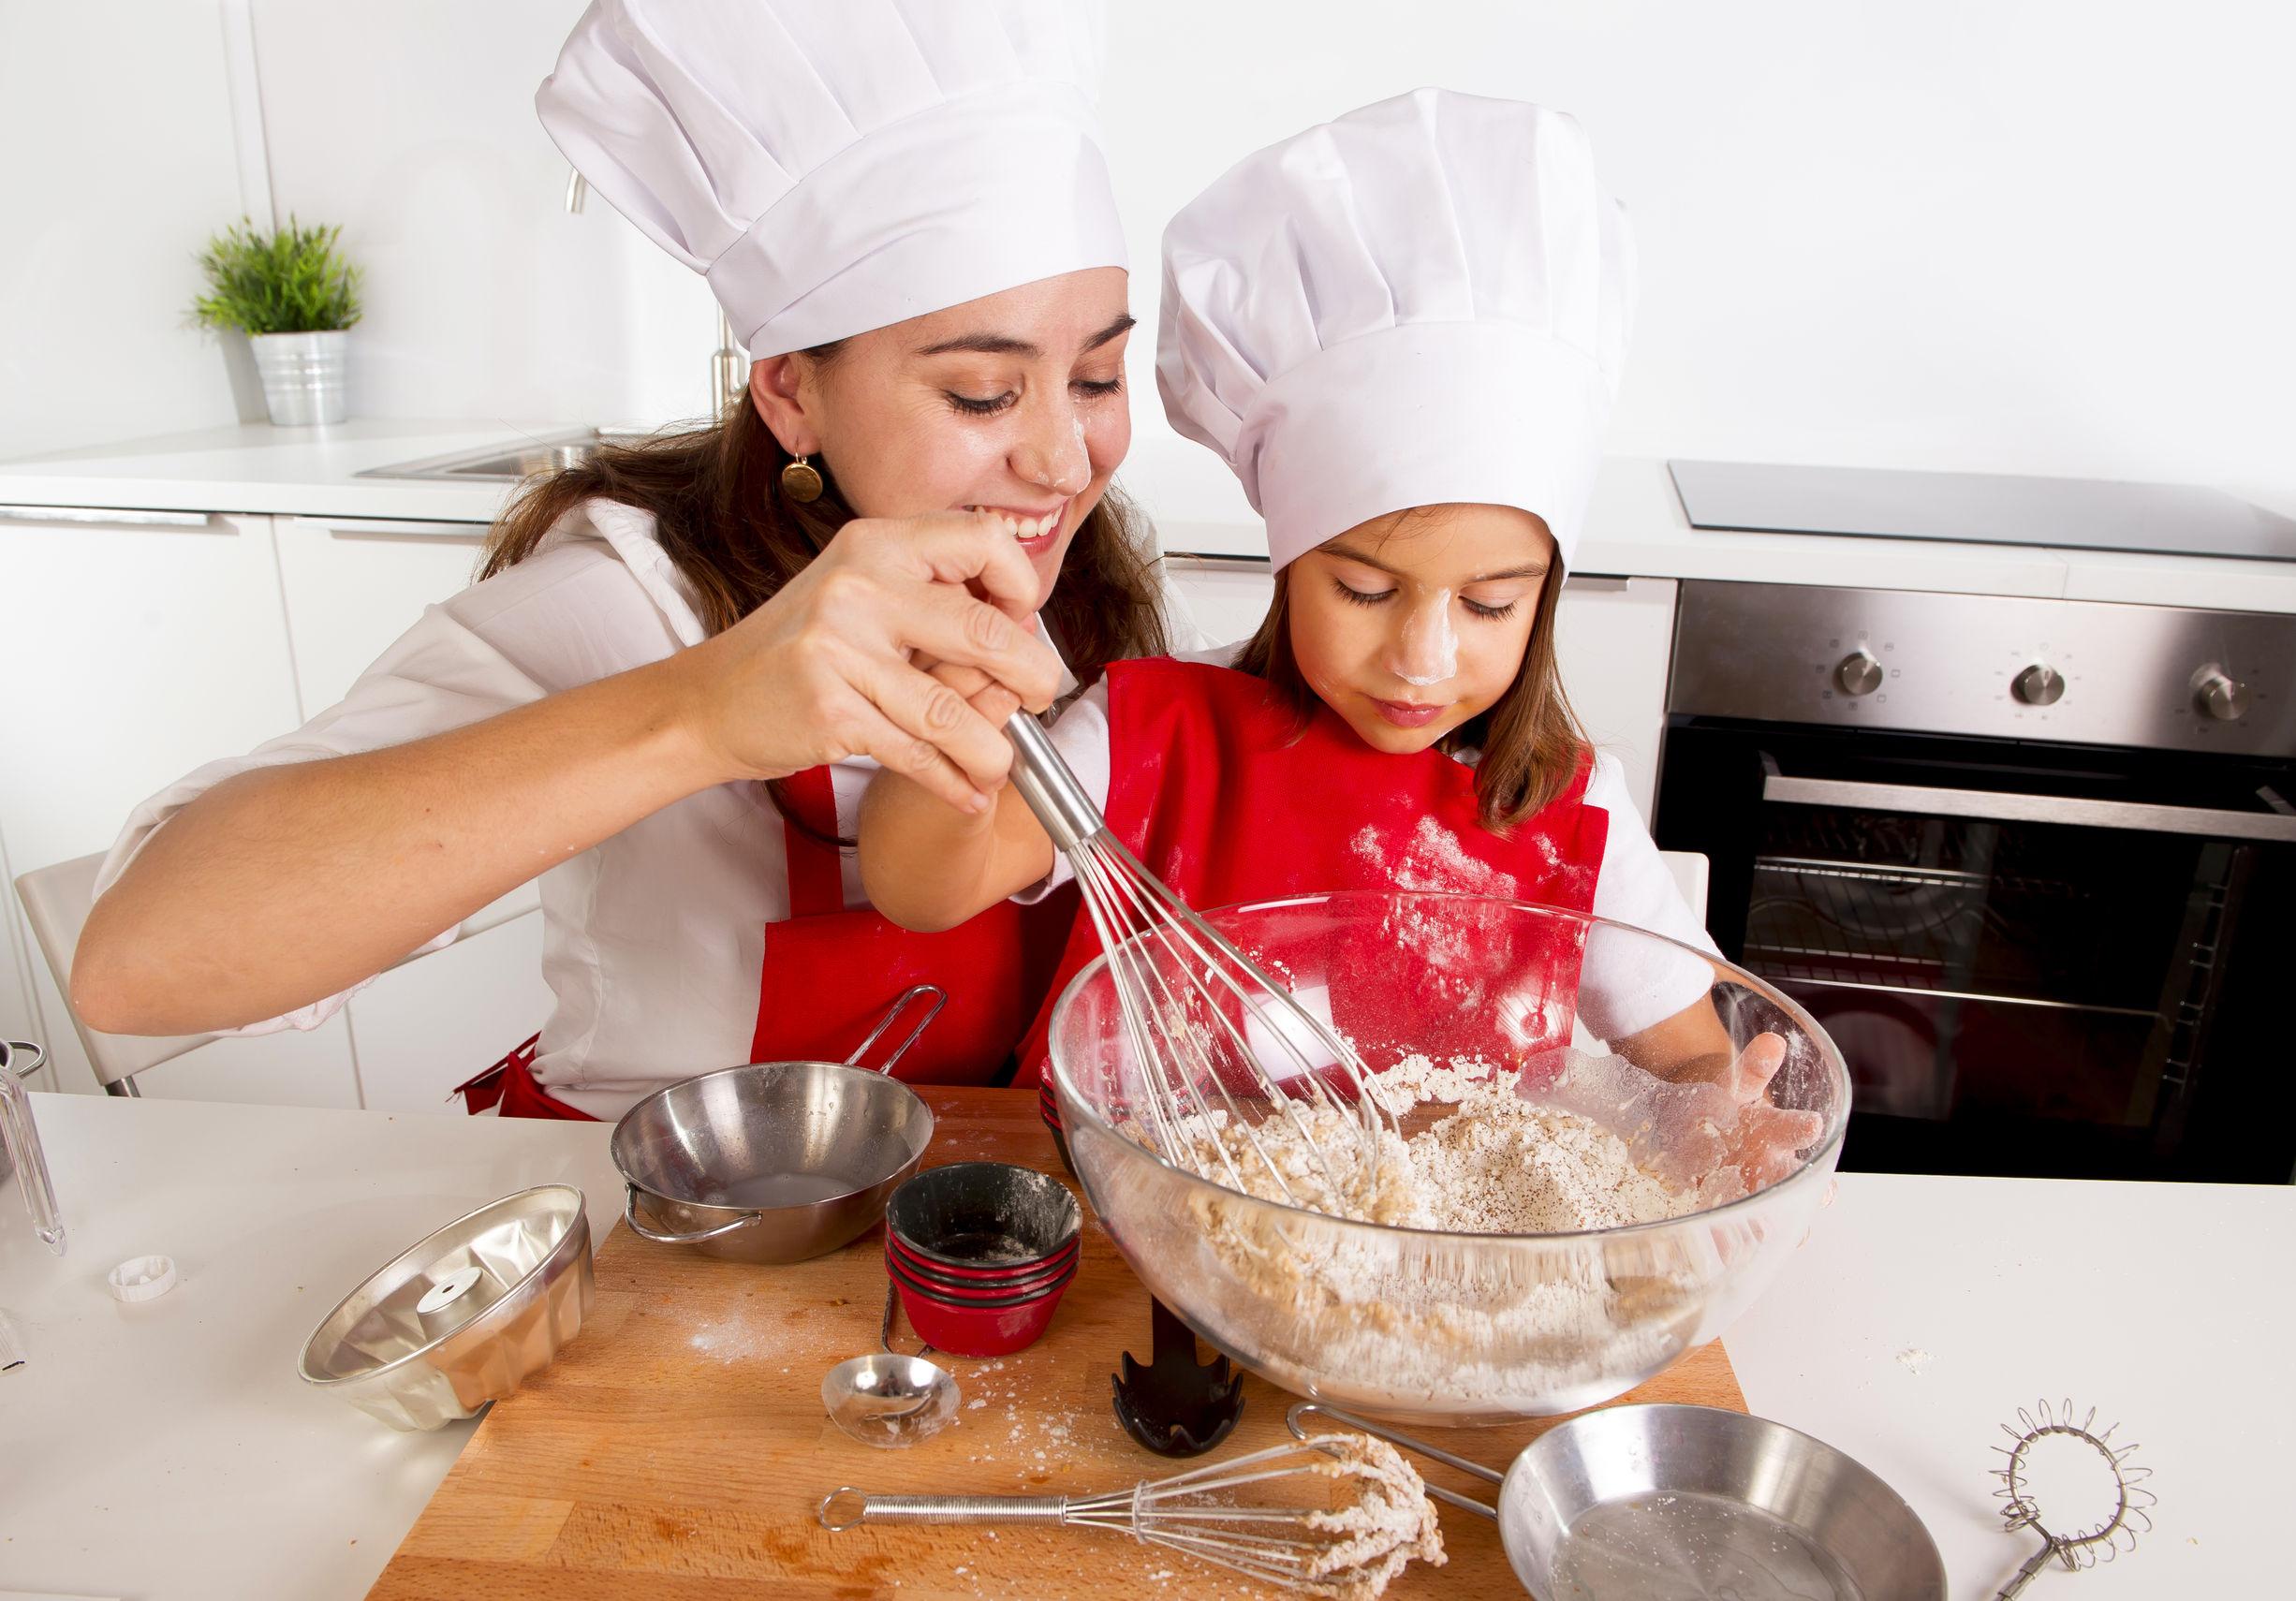 С мамкой на кухне, Мама и сын на кухне - смотреть порно онлайн или скачать 4 фотография